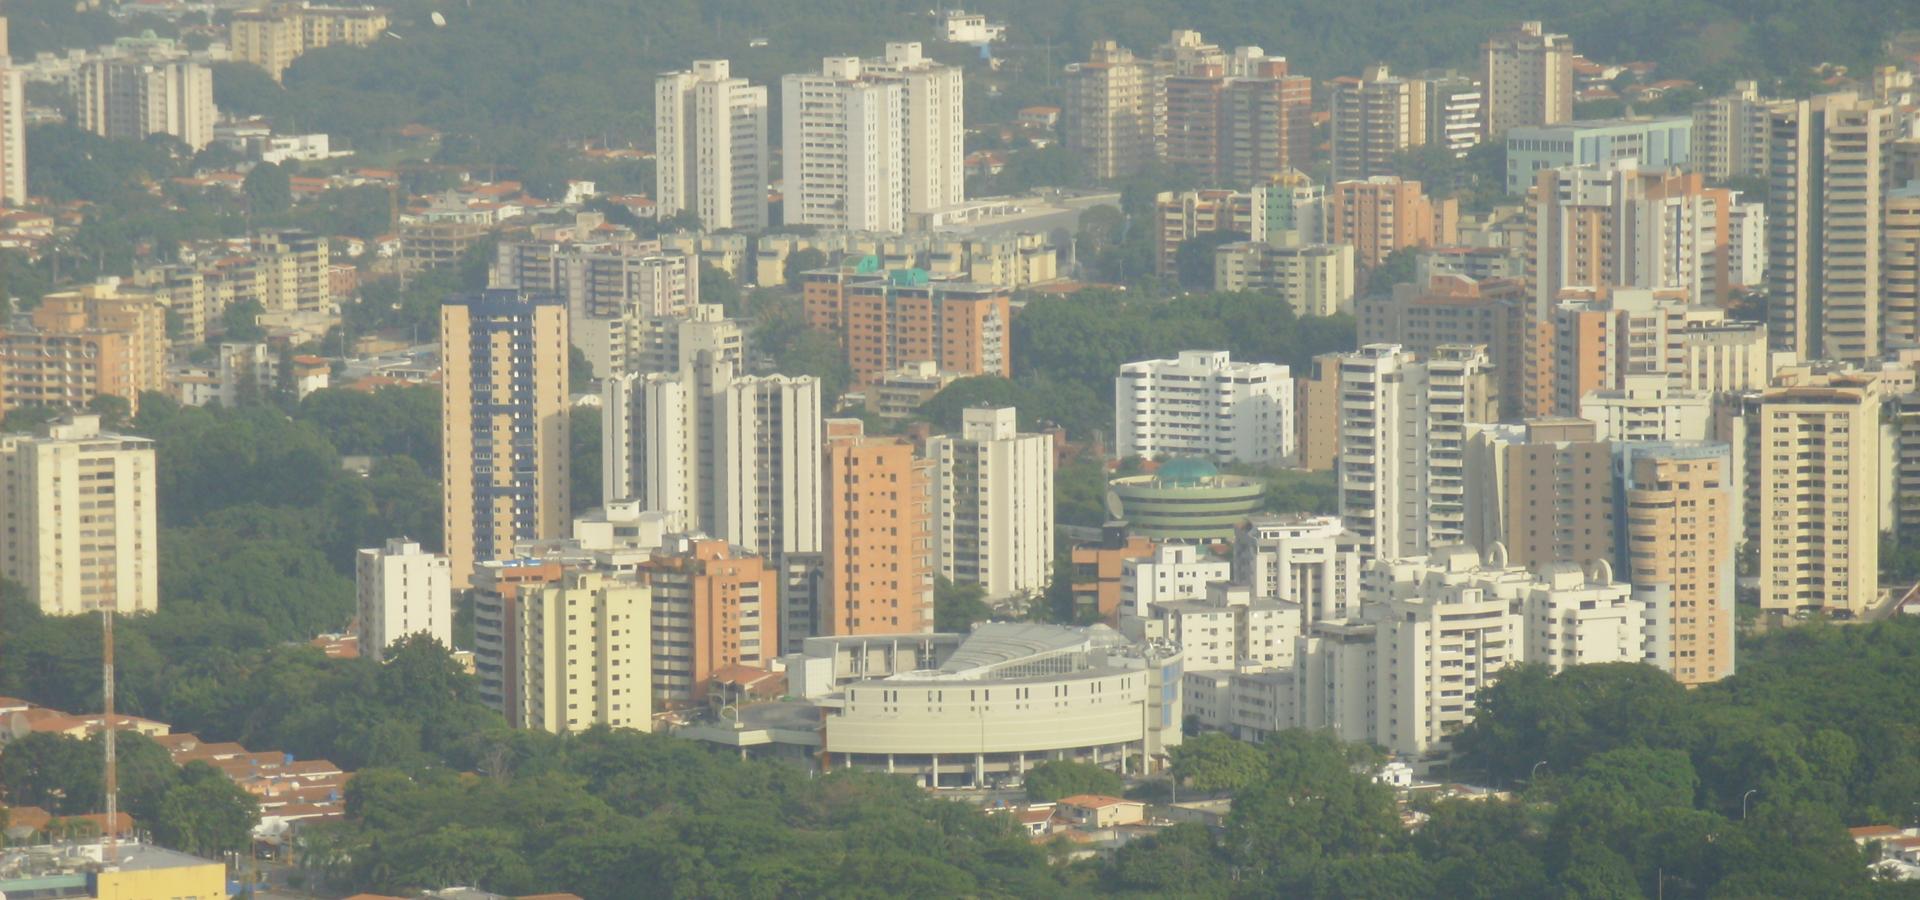 València, Carabobo, Venezuela